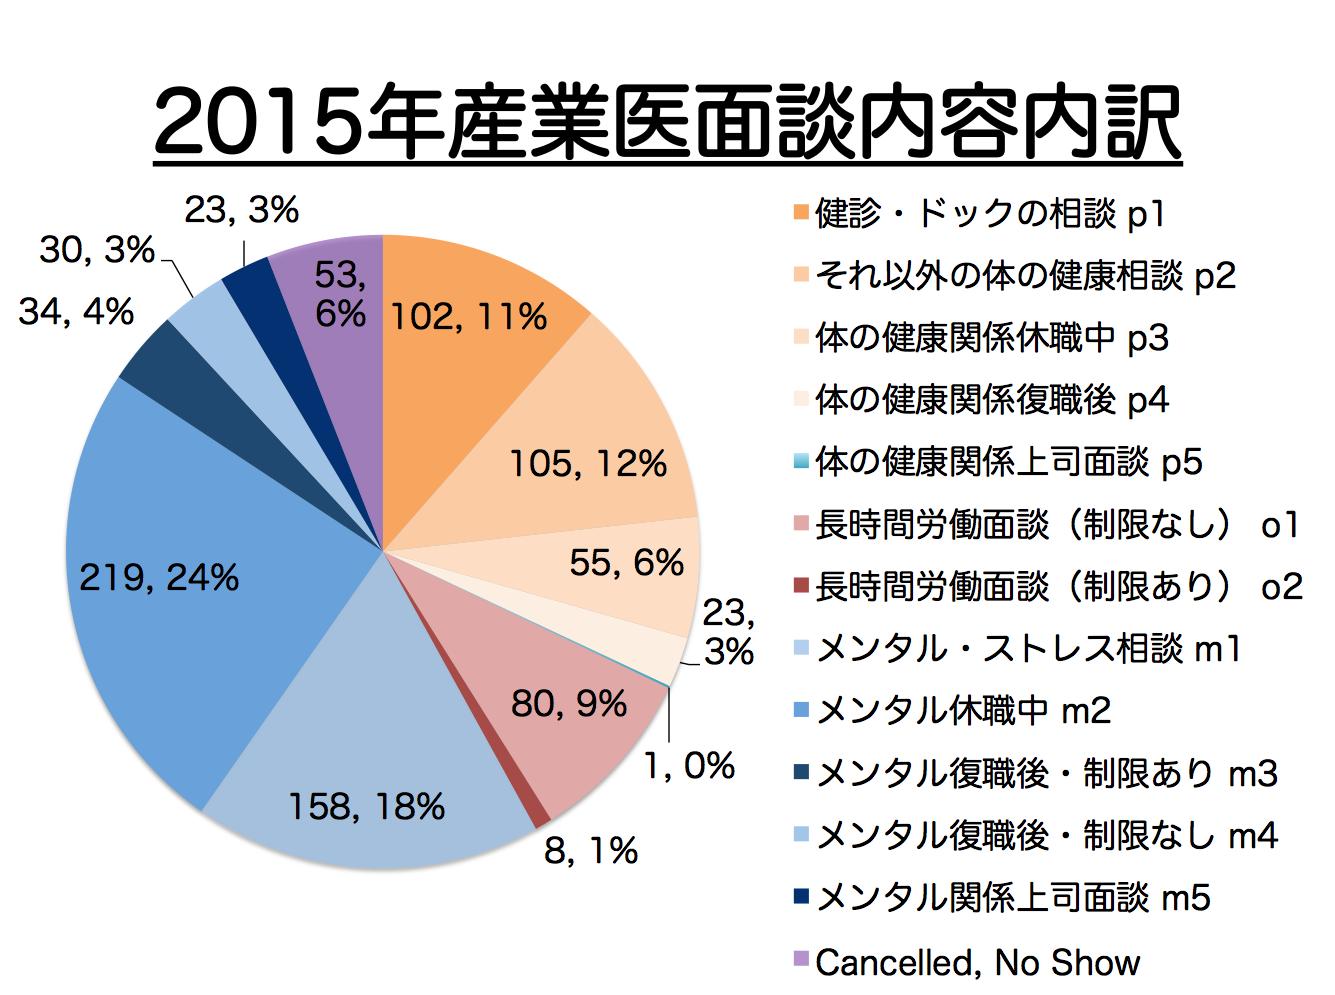 2015年産業医面談データ内訳